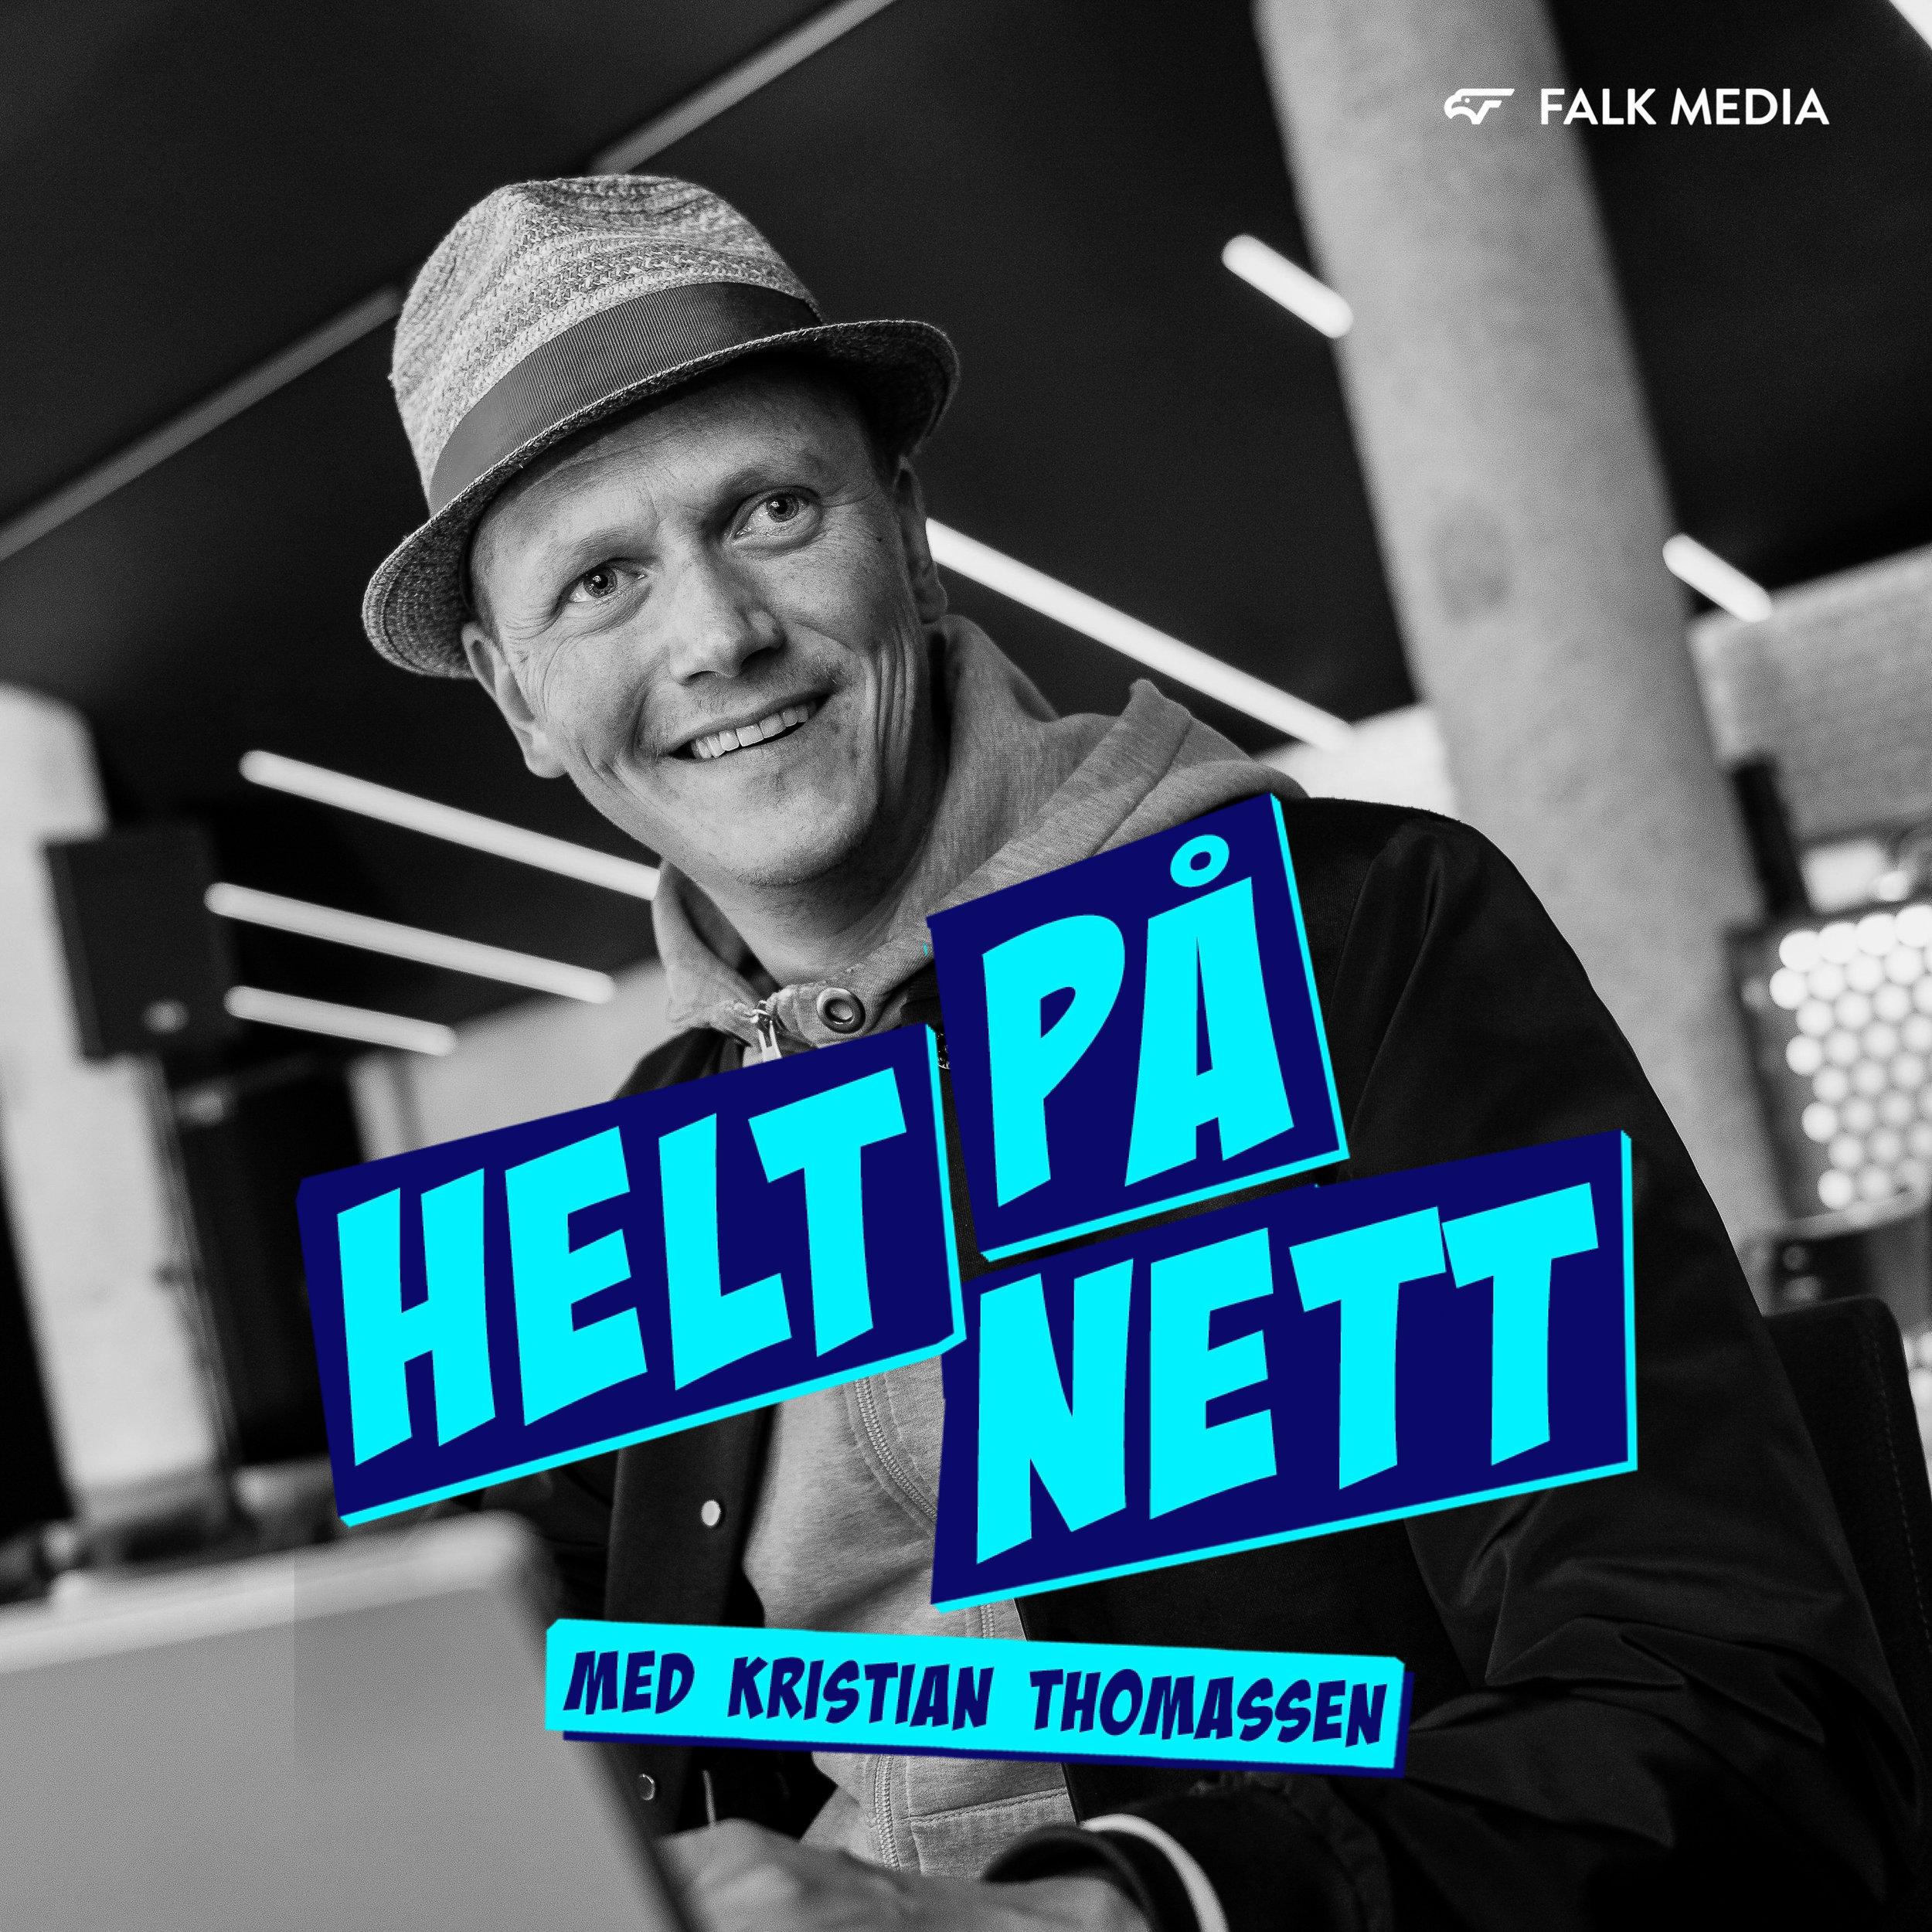 Helt på Nett - En podkast der Kristian Thomassen snakker om markedsføring på nett, og hva som er siste nytt innenfor sosiale medier. Målet er at lytterne skal bli litt klokere for hver uke. Episodene er korte og presise, og spilles gjerne inn på farten over en kopp kaffe.